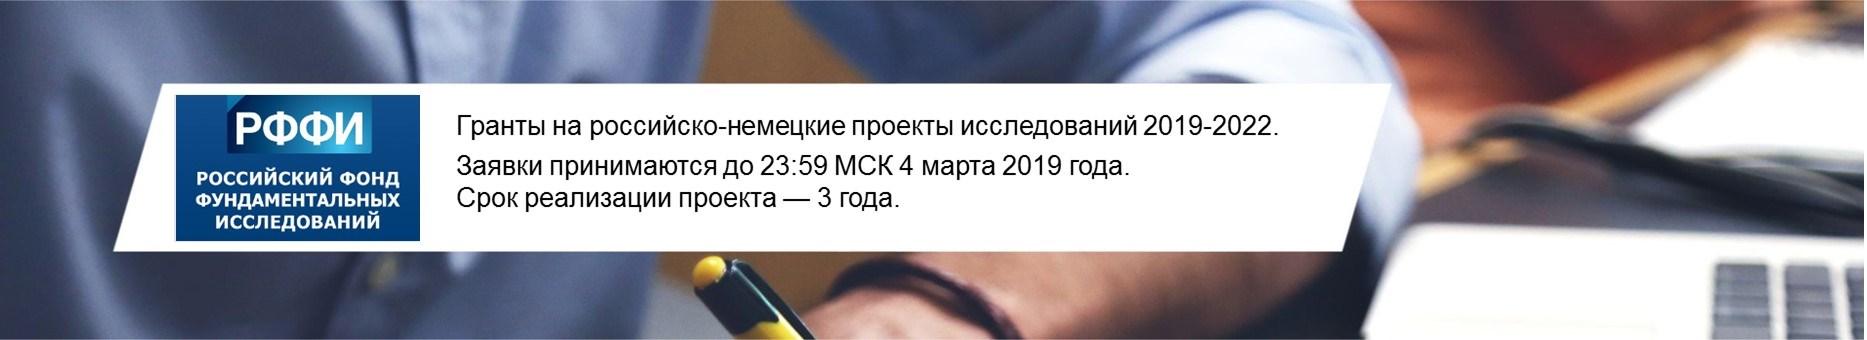 Гранты на российско-немецкие проекты исследований 2019-2022 гг